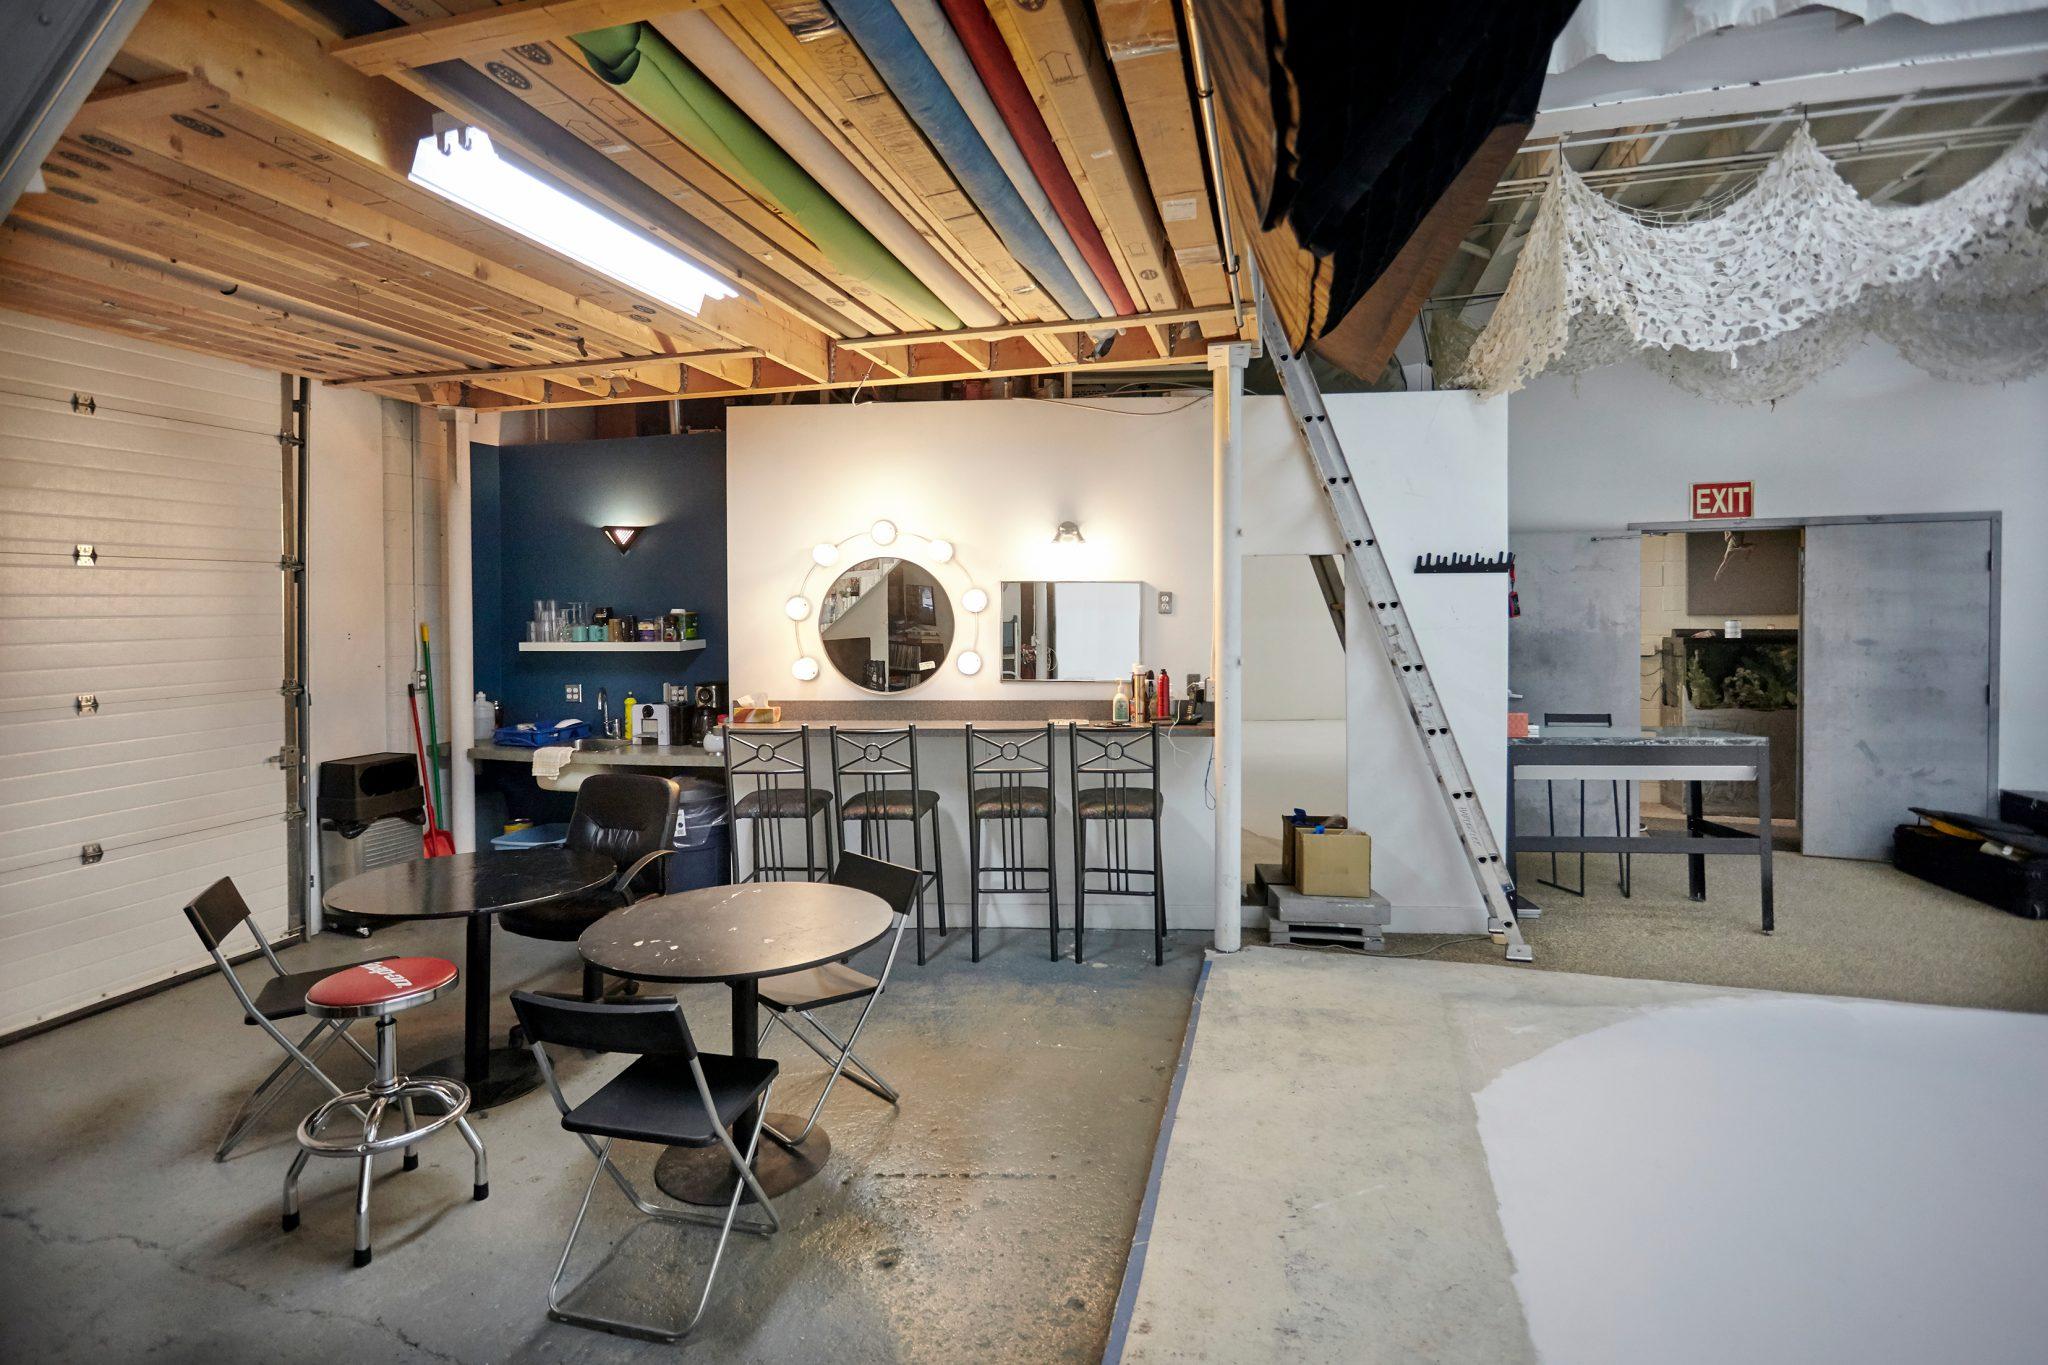 studio rentals - harderlee